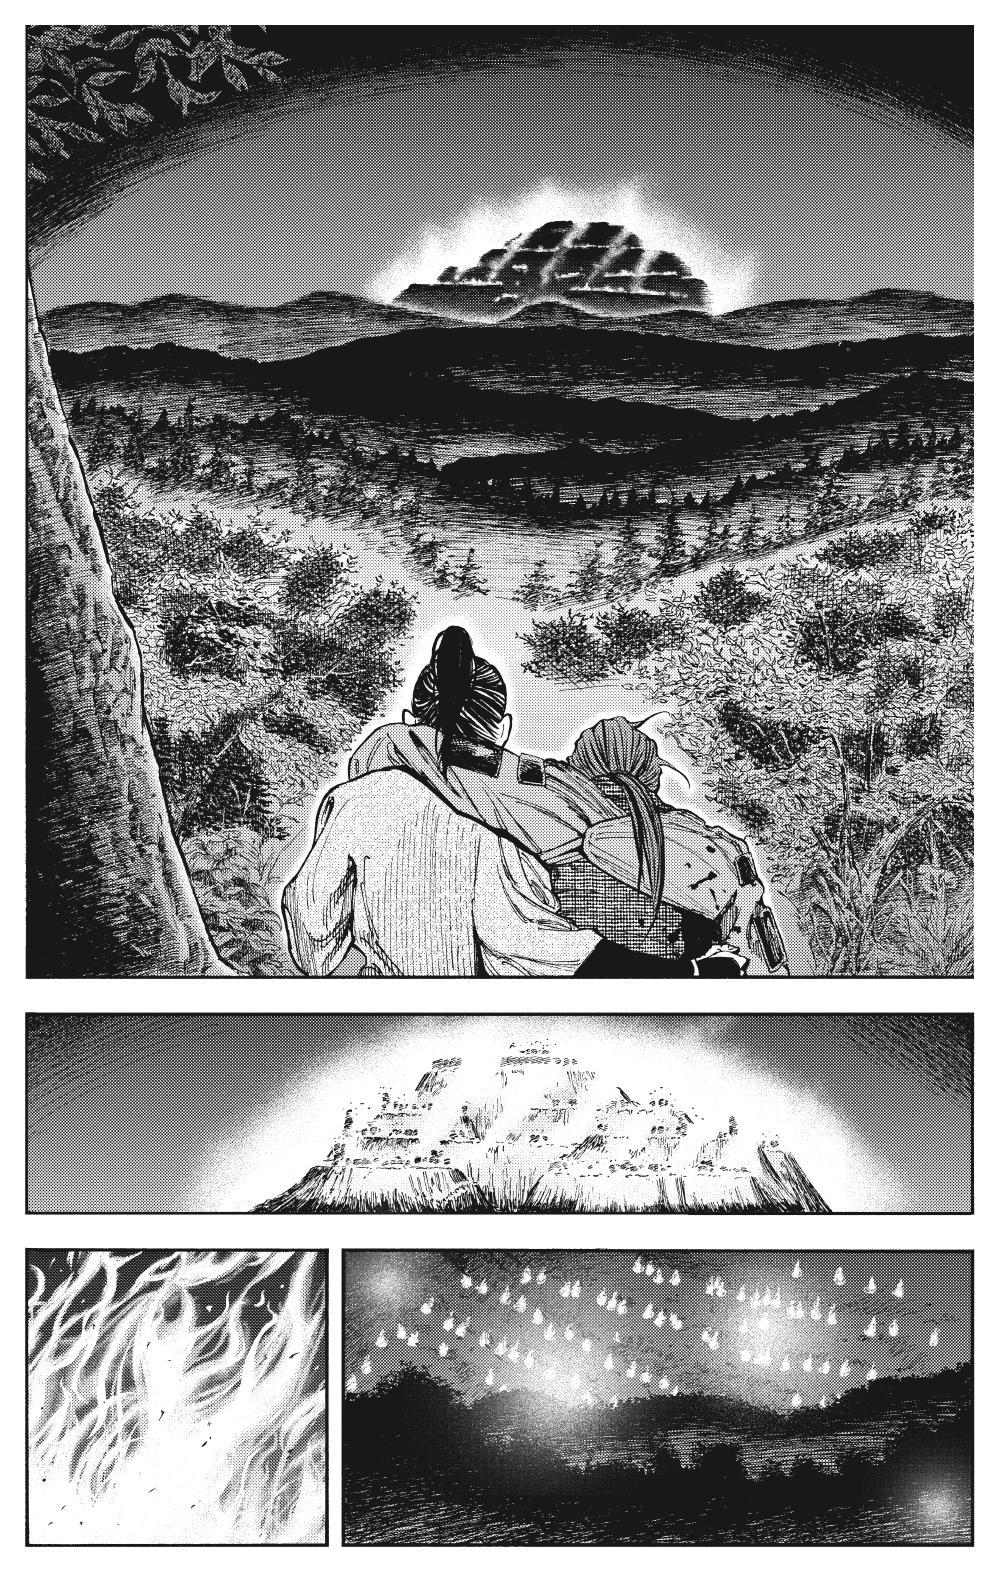 真田太平記 第2話「万死一生」sanada06-06.jpg